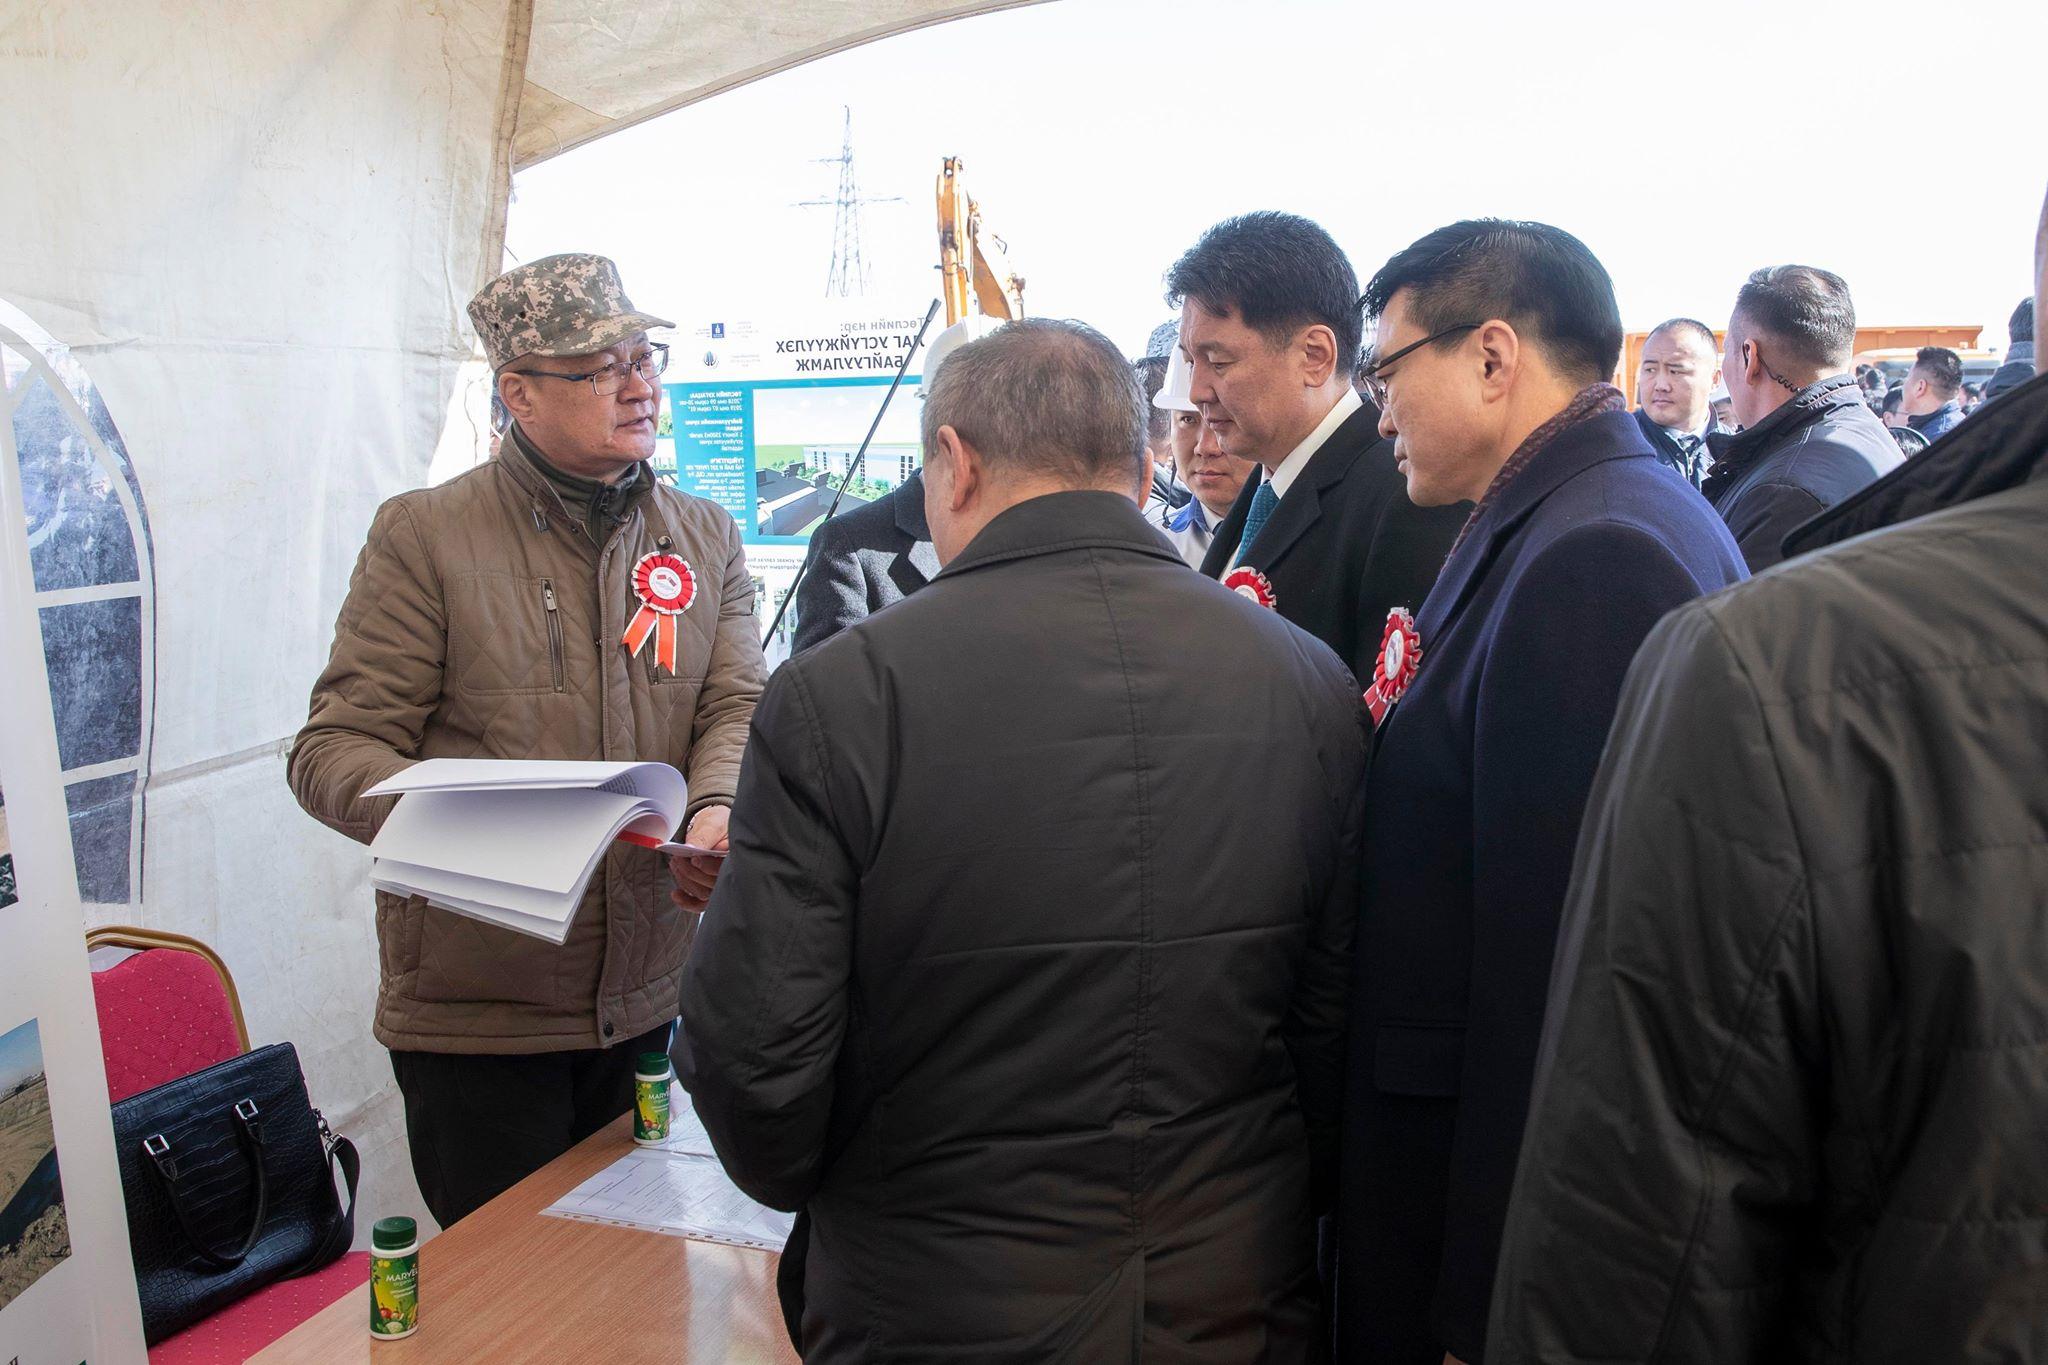 53fd6aff340fc7c920ea7d7ba7e73401 Улаанбаатар хотын шинэ төв цэвэрлэх байгууламжийн барилгын ажил эхэллээ